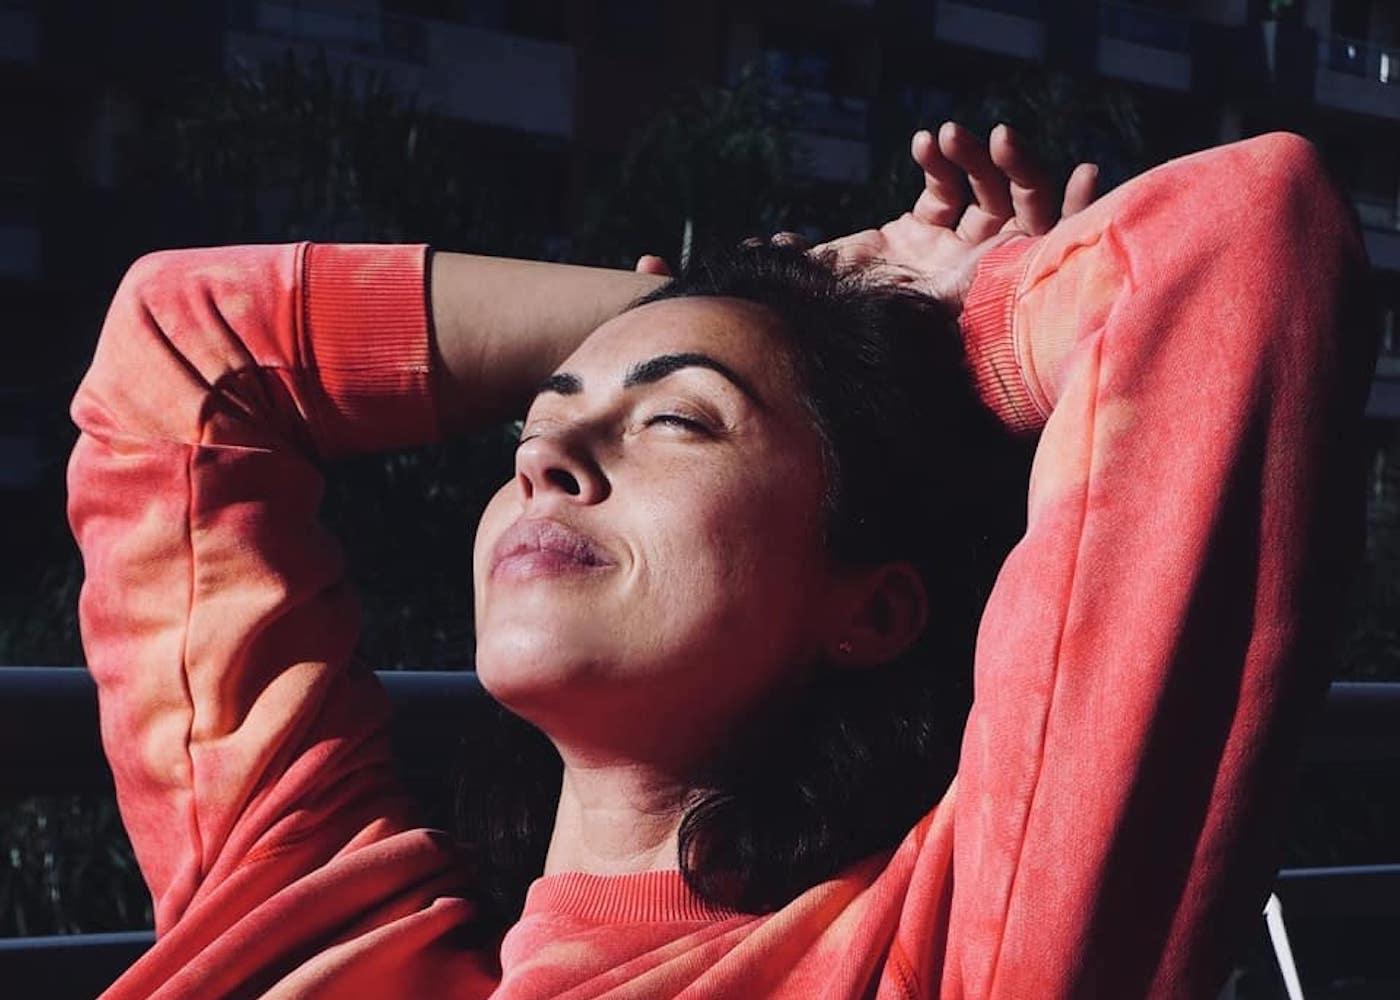 Debora Monteiro Débora Monteiro Mostra Barriga De Grávida Completamente Nua: &Quot;Perfeição&Quot;